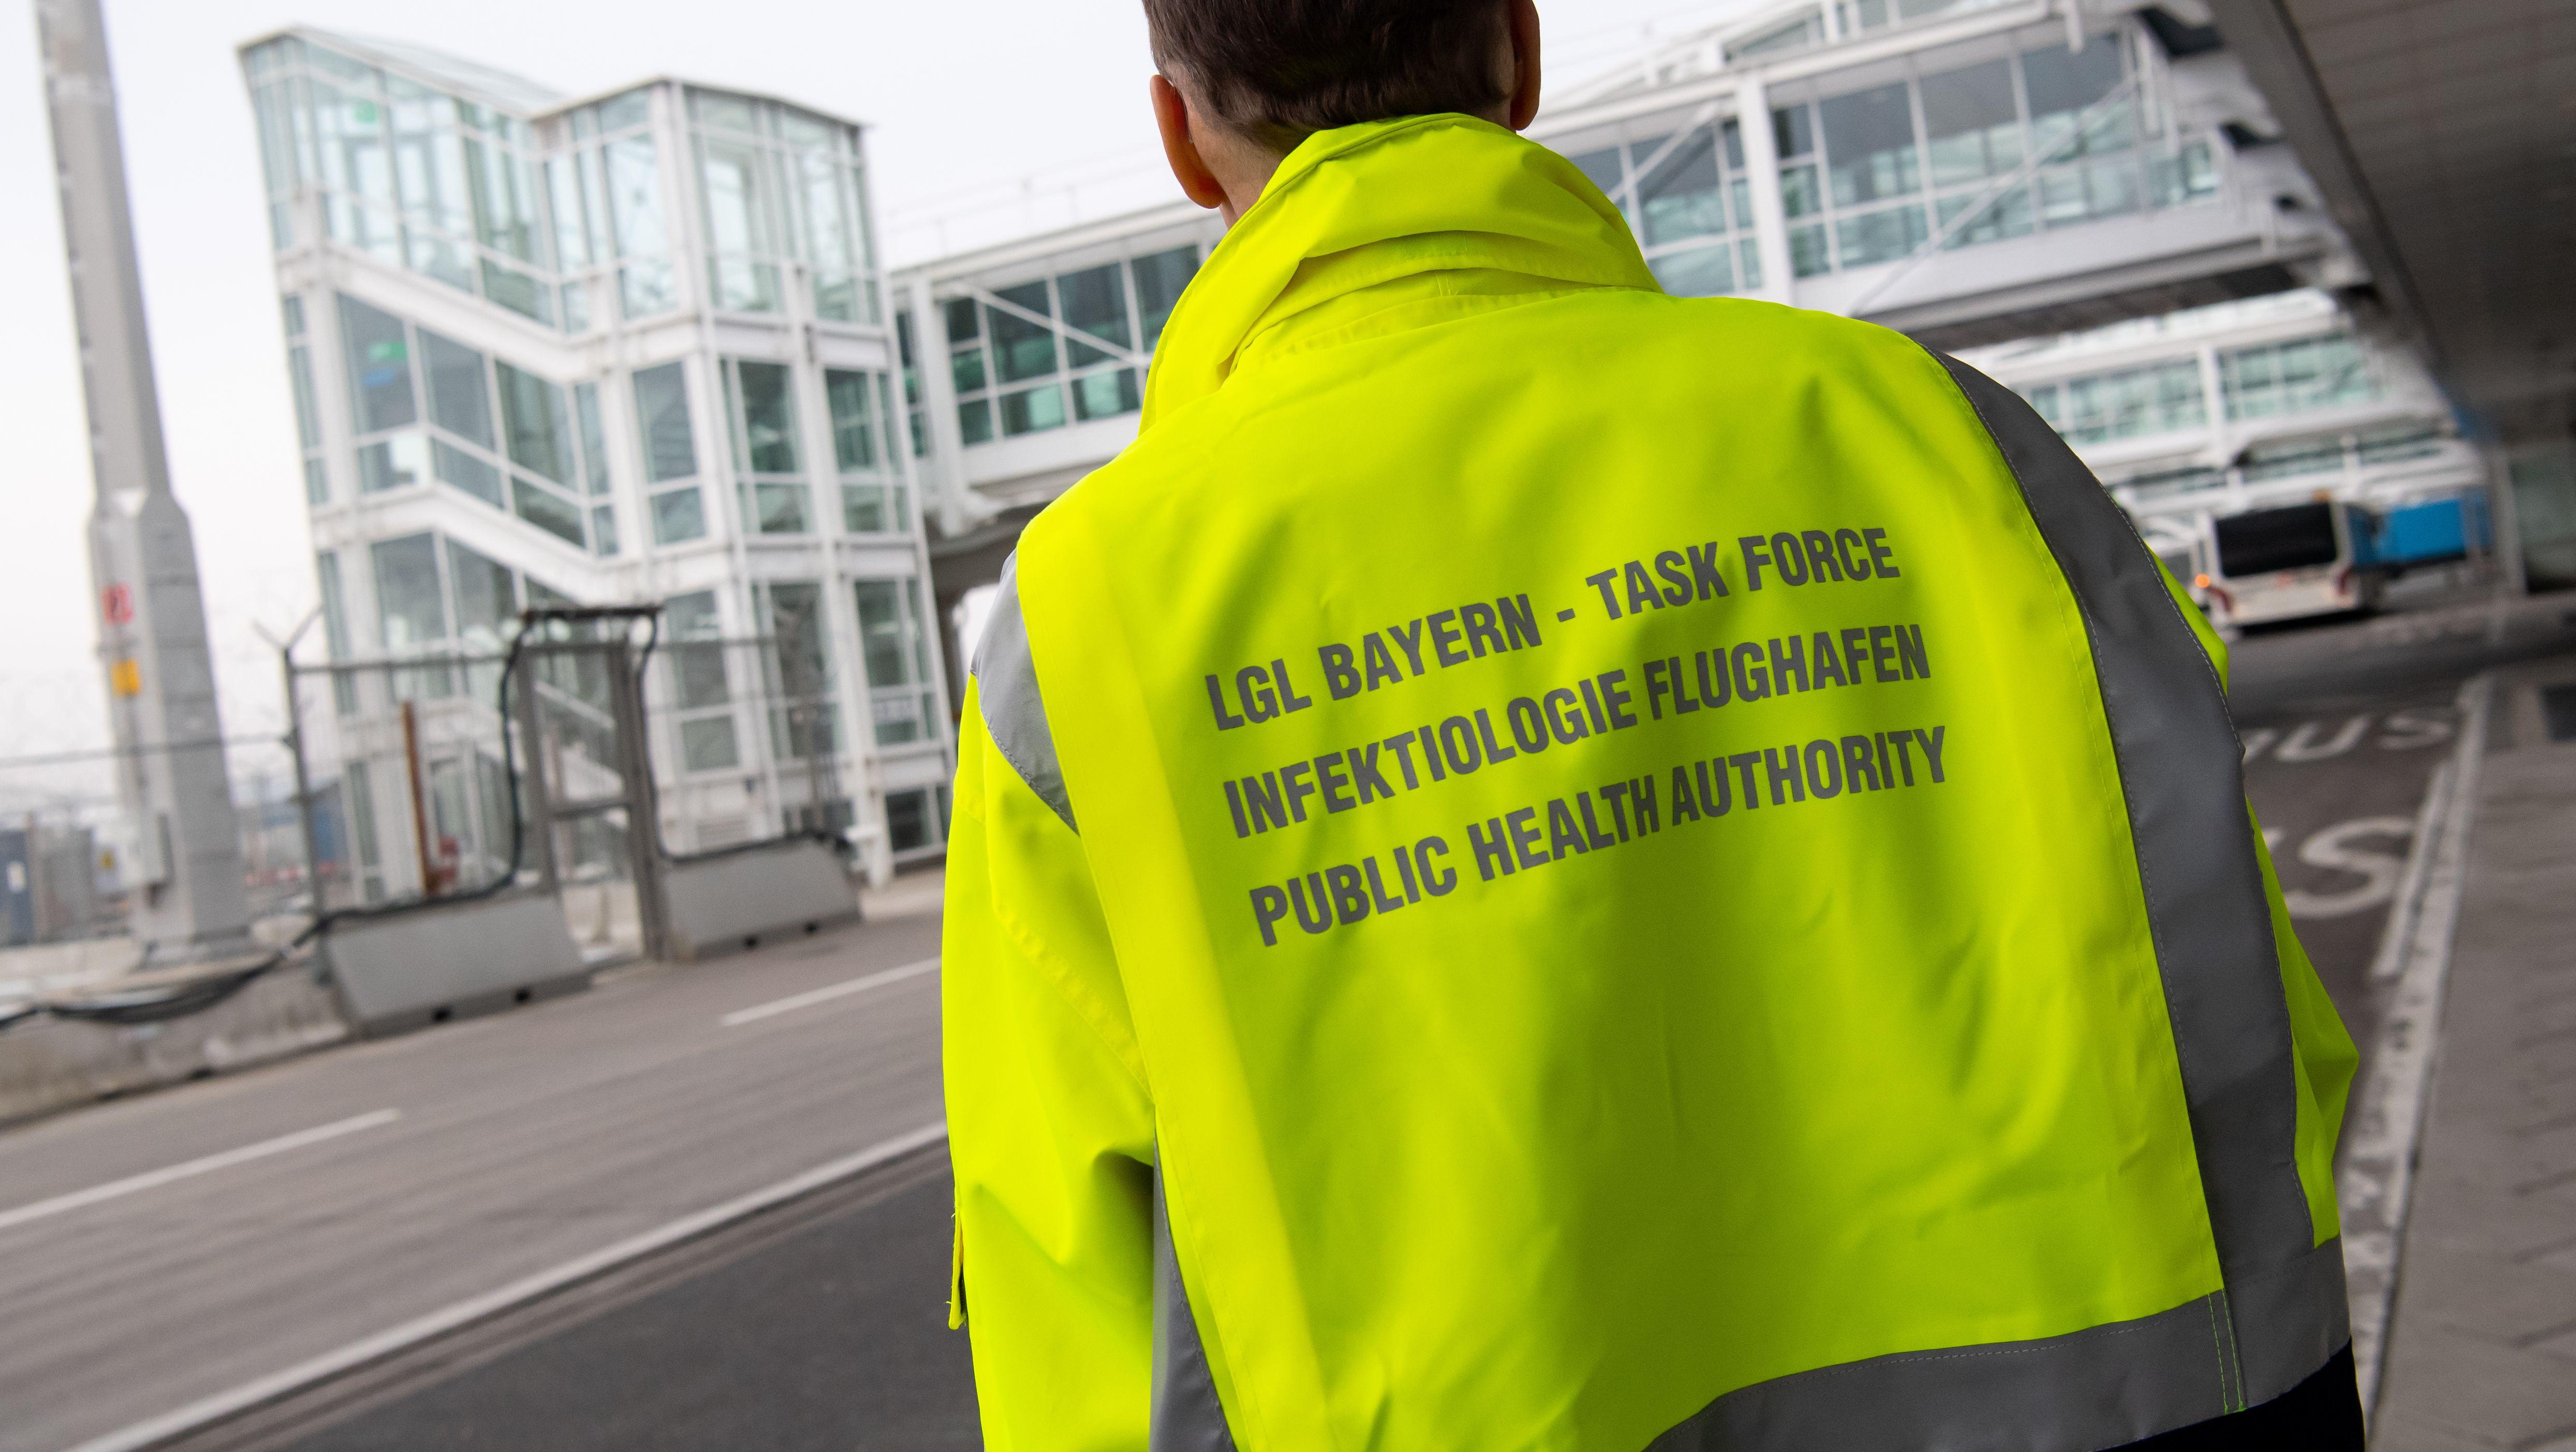 """""""Task Force - Infektiologie Flughafen"""" steht auf der Jacke eines Mitarbeiters der """"Task-Force Infektiologie» am Flughafen München."""